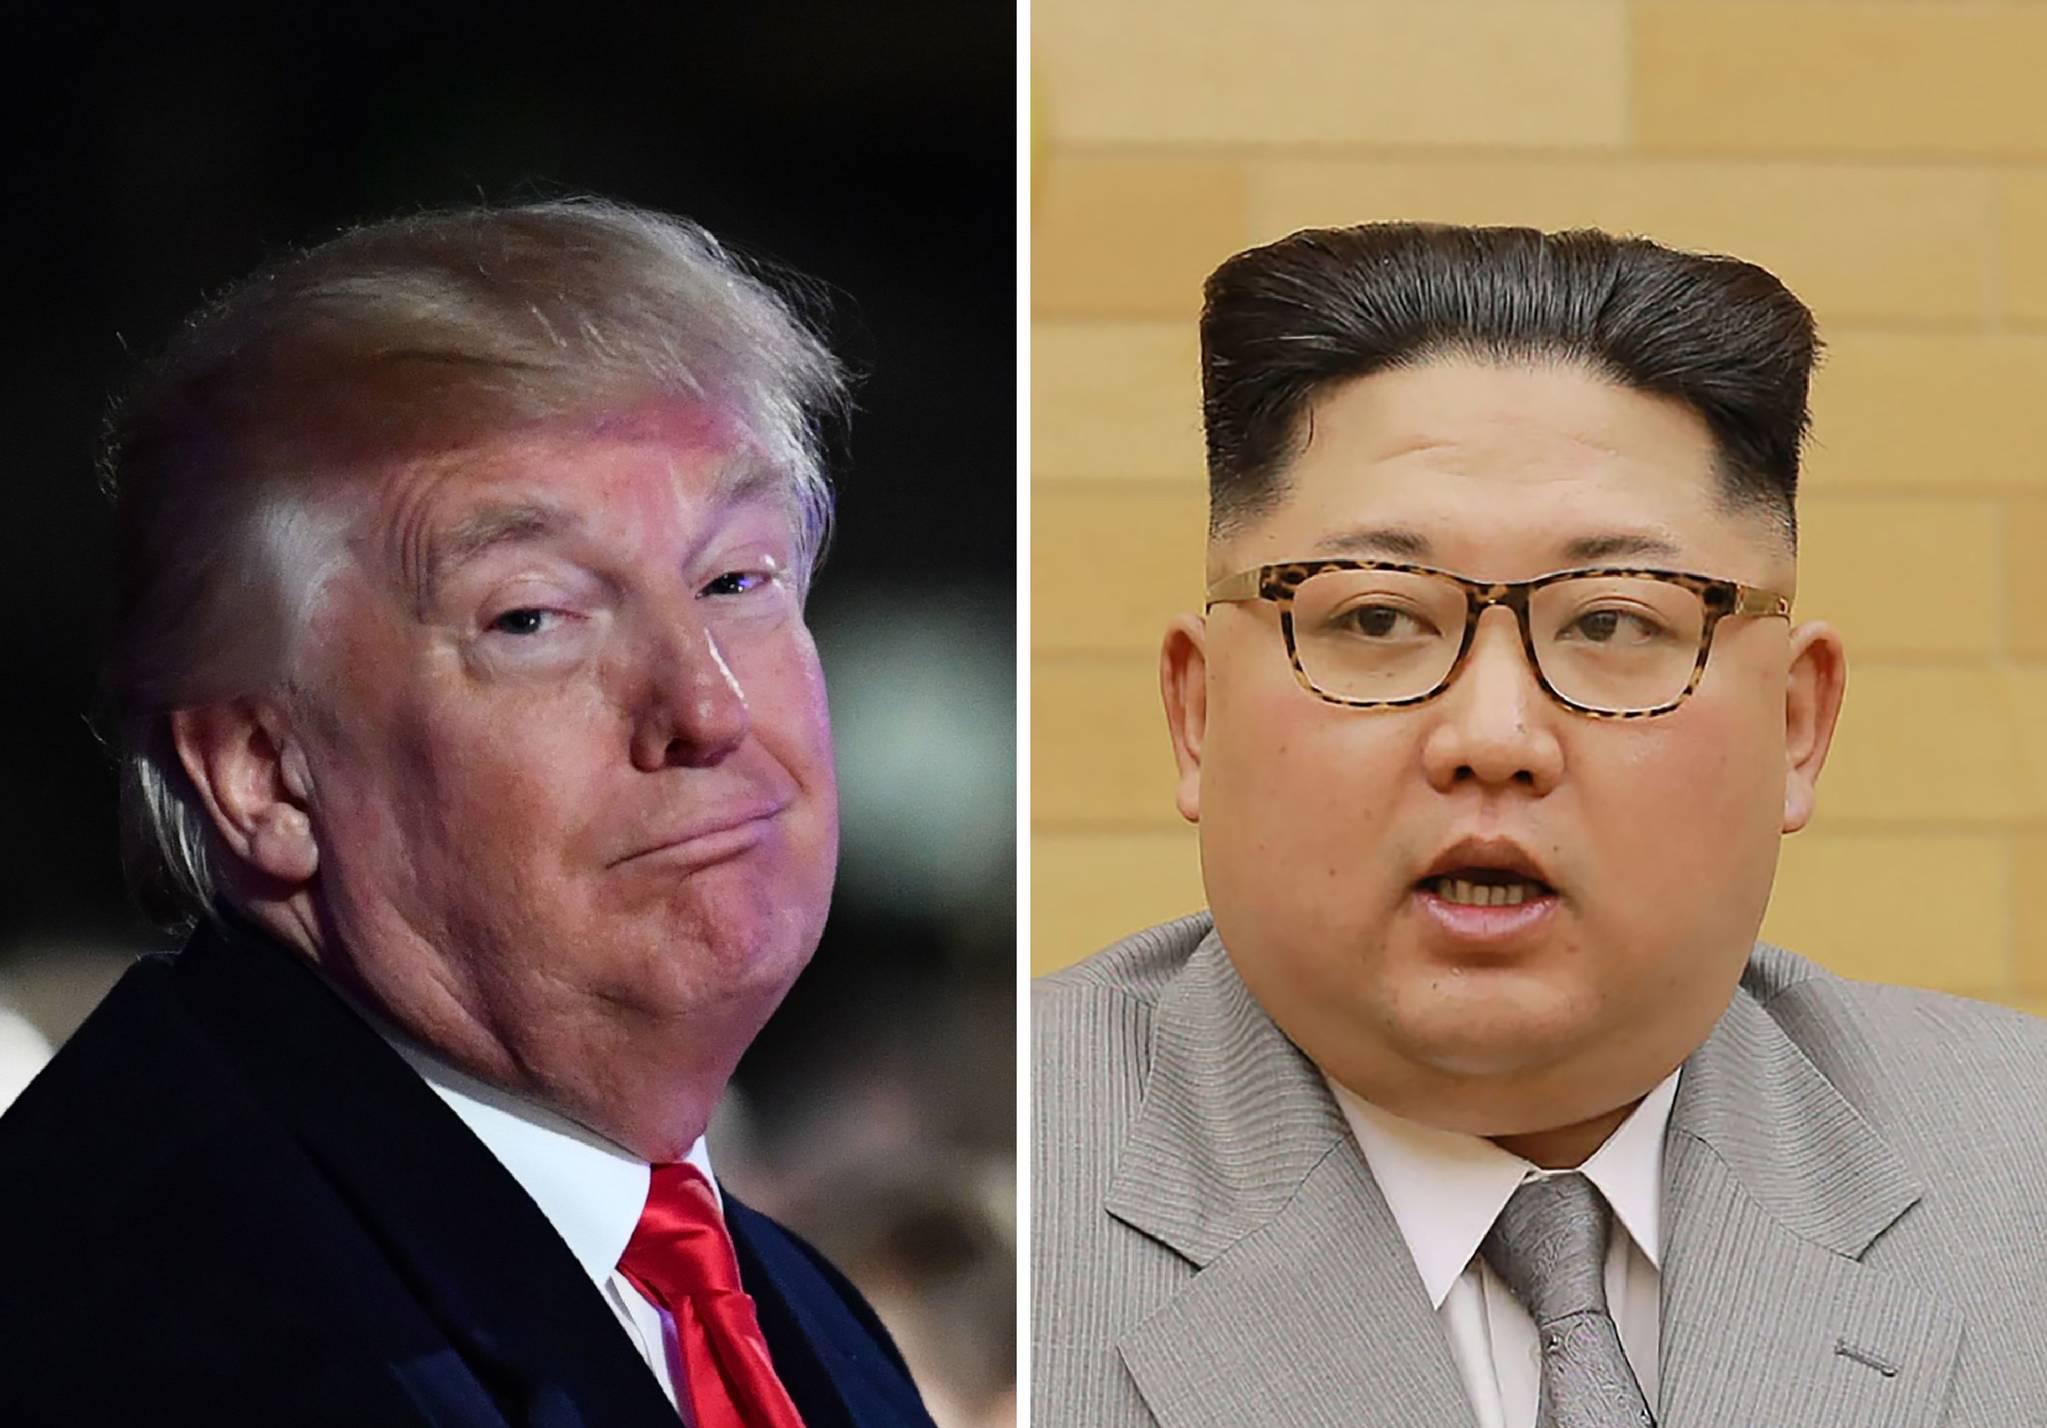 도널드 트럼프 미 대통령이 14일(현지시간) 북한 김정은과의 관계에 대한 월스트리트저널의 보도가 잘못되었다며 자신의 트위터에 올린 글을 AFP가 보도하며 붙여 만든 사진.[AFP=연합뉴스]